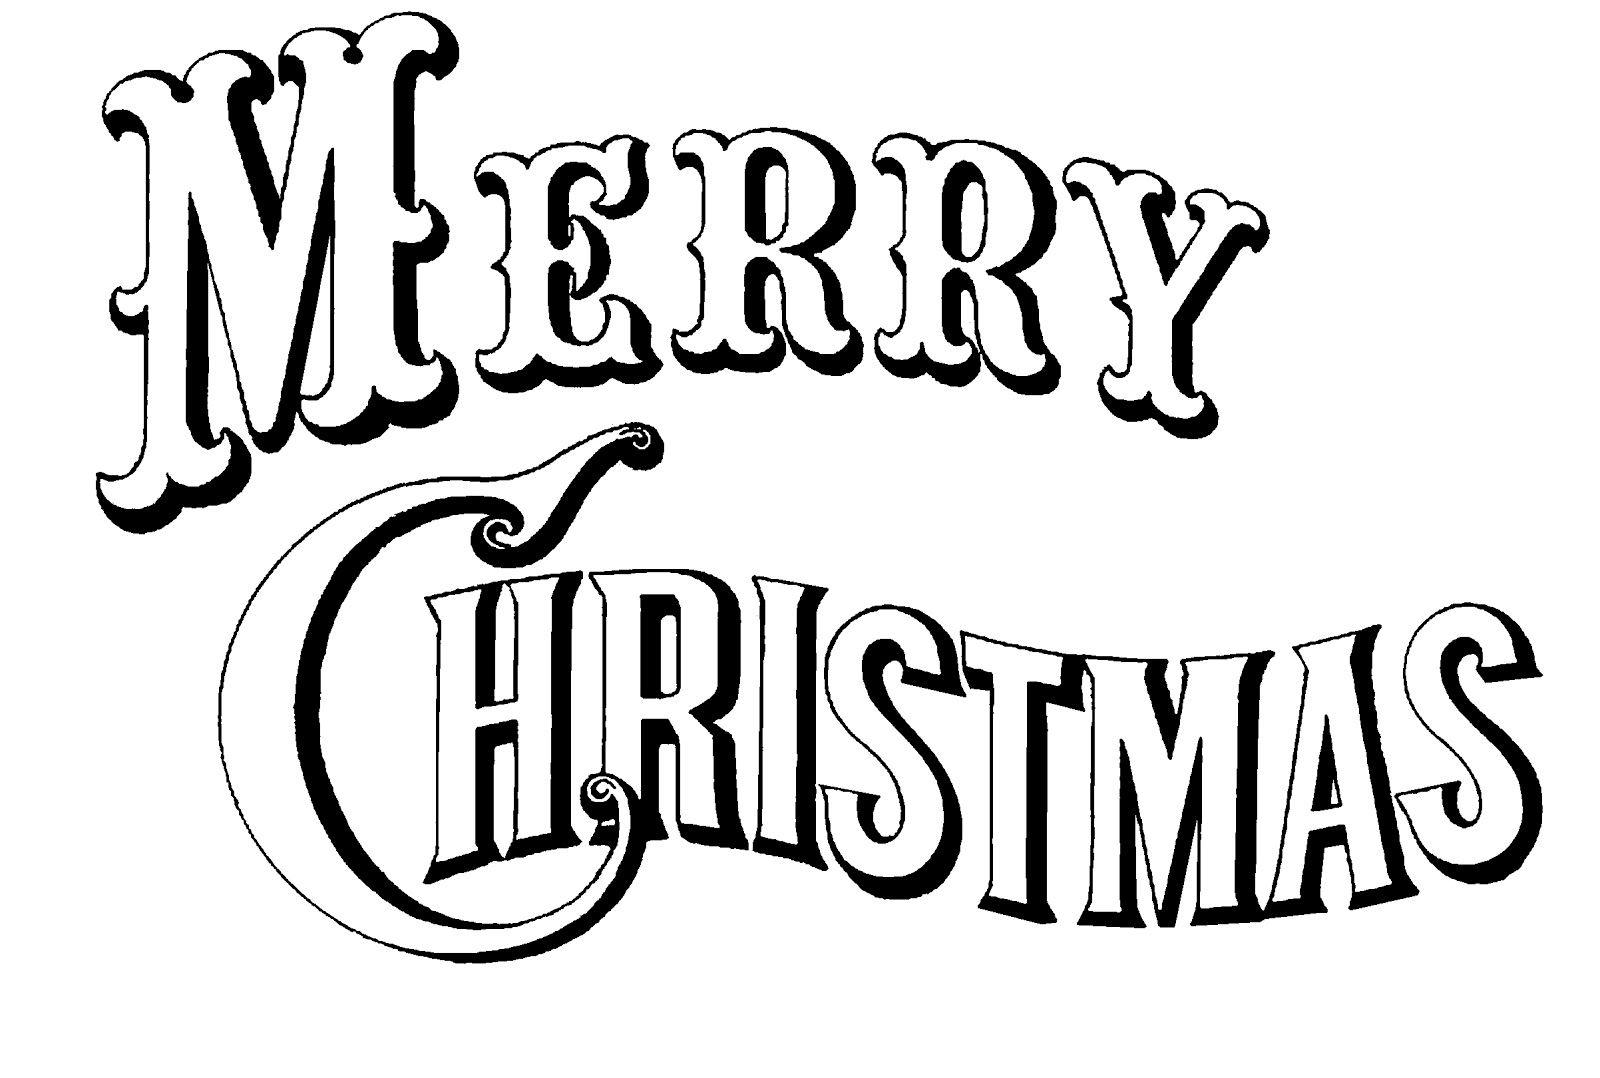 Lilac Lavender Christmas Weihnachtsmalvorlagen Weihnachtsschablonen Weihnachten Schrift